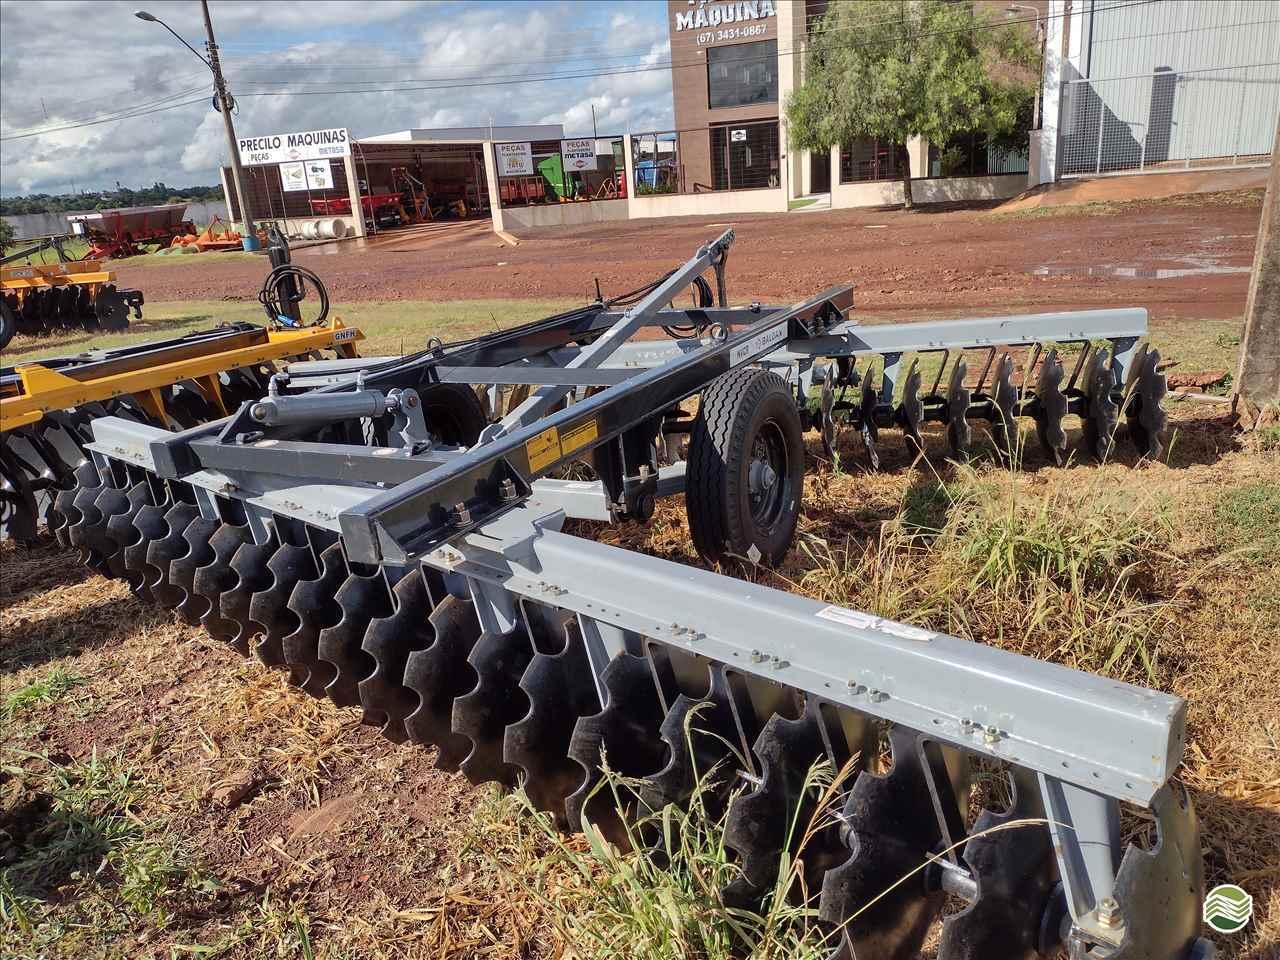 IMPLEMENTOS AGRICOLAS GRADE NIVELADORA NIVELADORA 44 DISCOS Precilo Máquinas PONTA PORA MATO GROSSO DO SUL MS